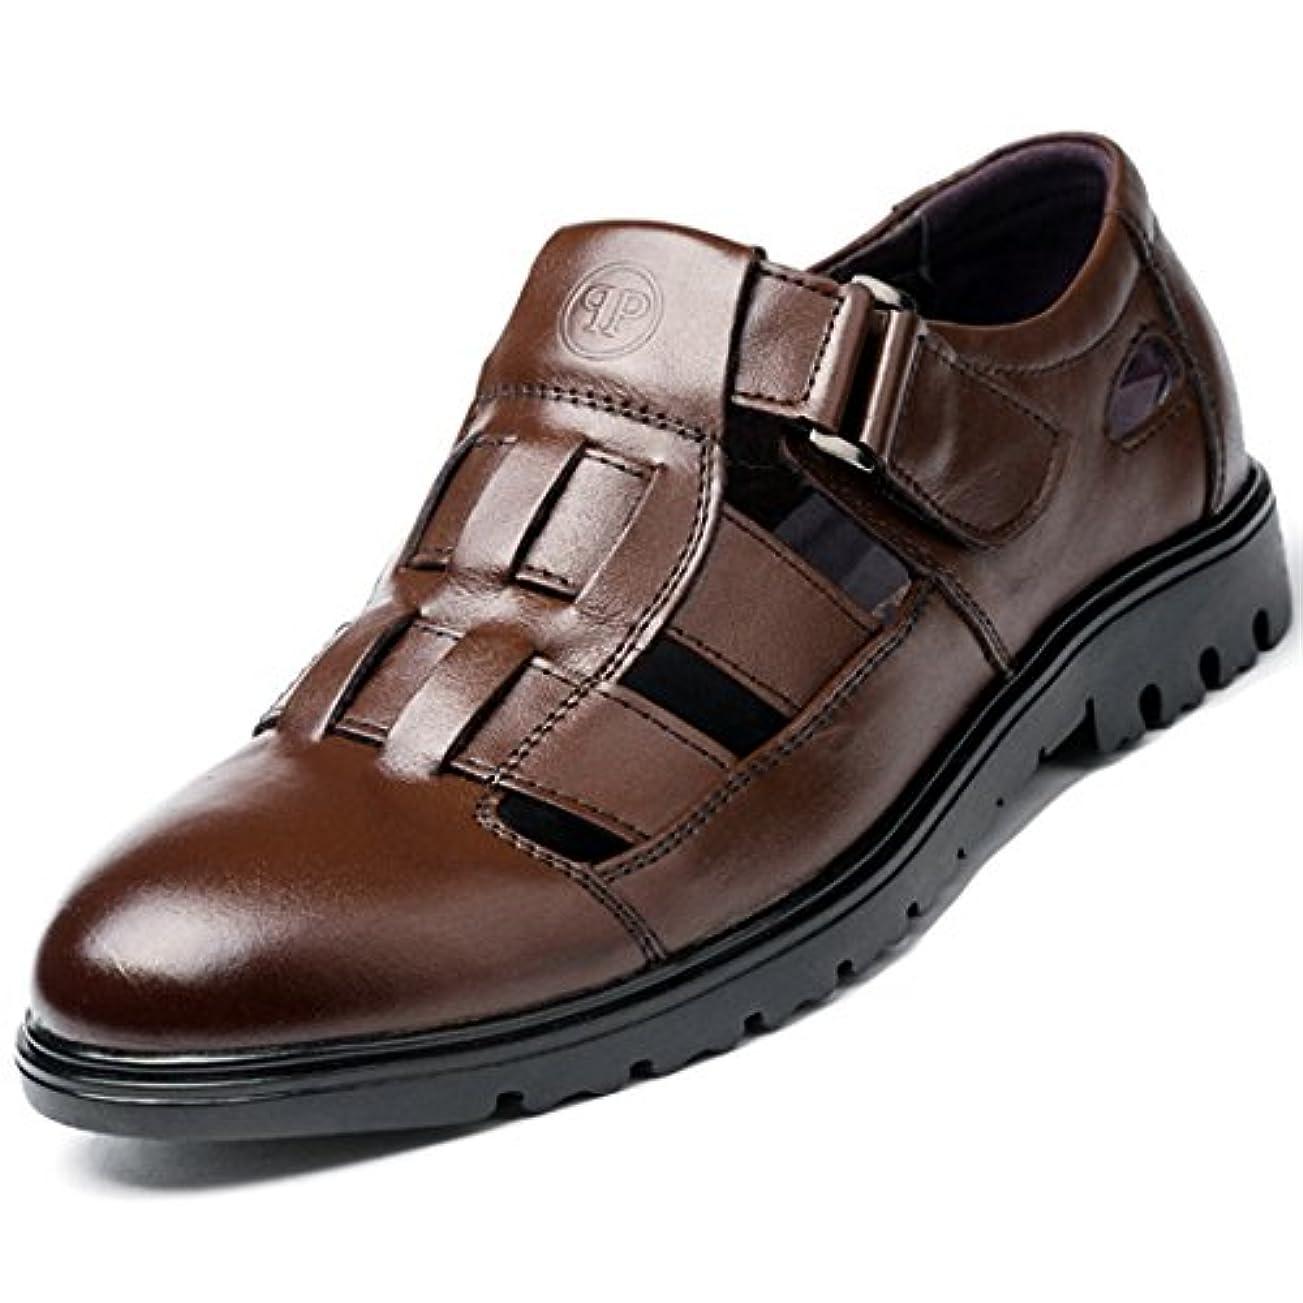 将来の裂け目焦げONE MAX カジュアルシューズ メンズ ウォーキング 本革 オフィス ビジネスサンダル ドライバーシューズ ベルクロ 軽量 夏 通気性 紳士靴